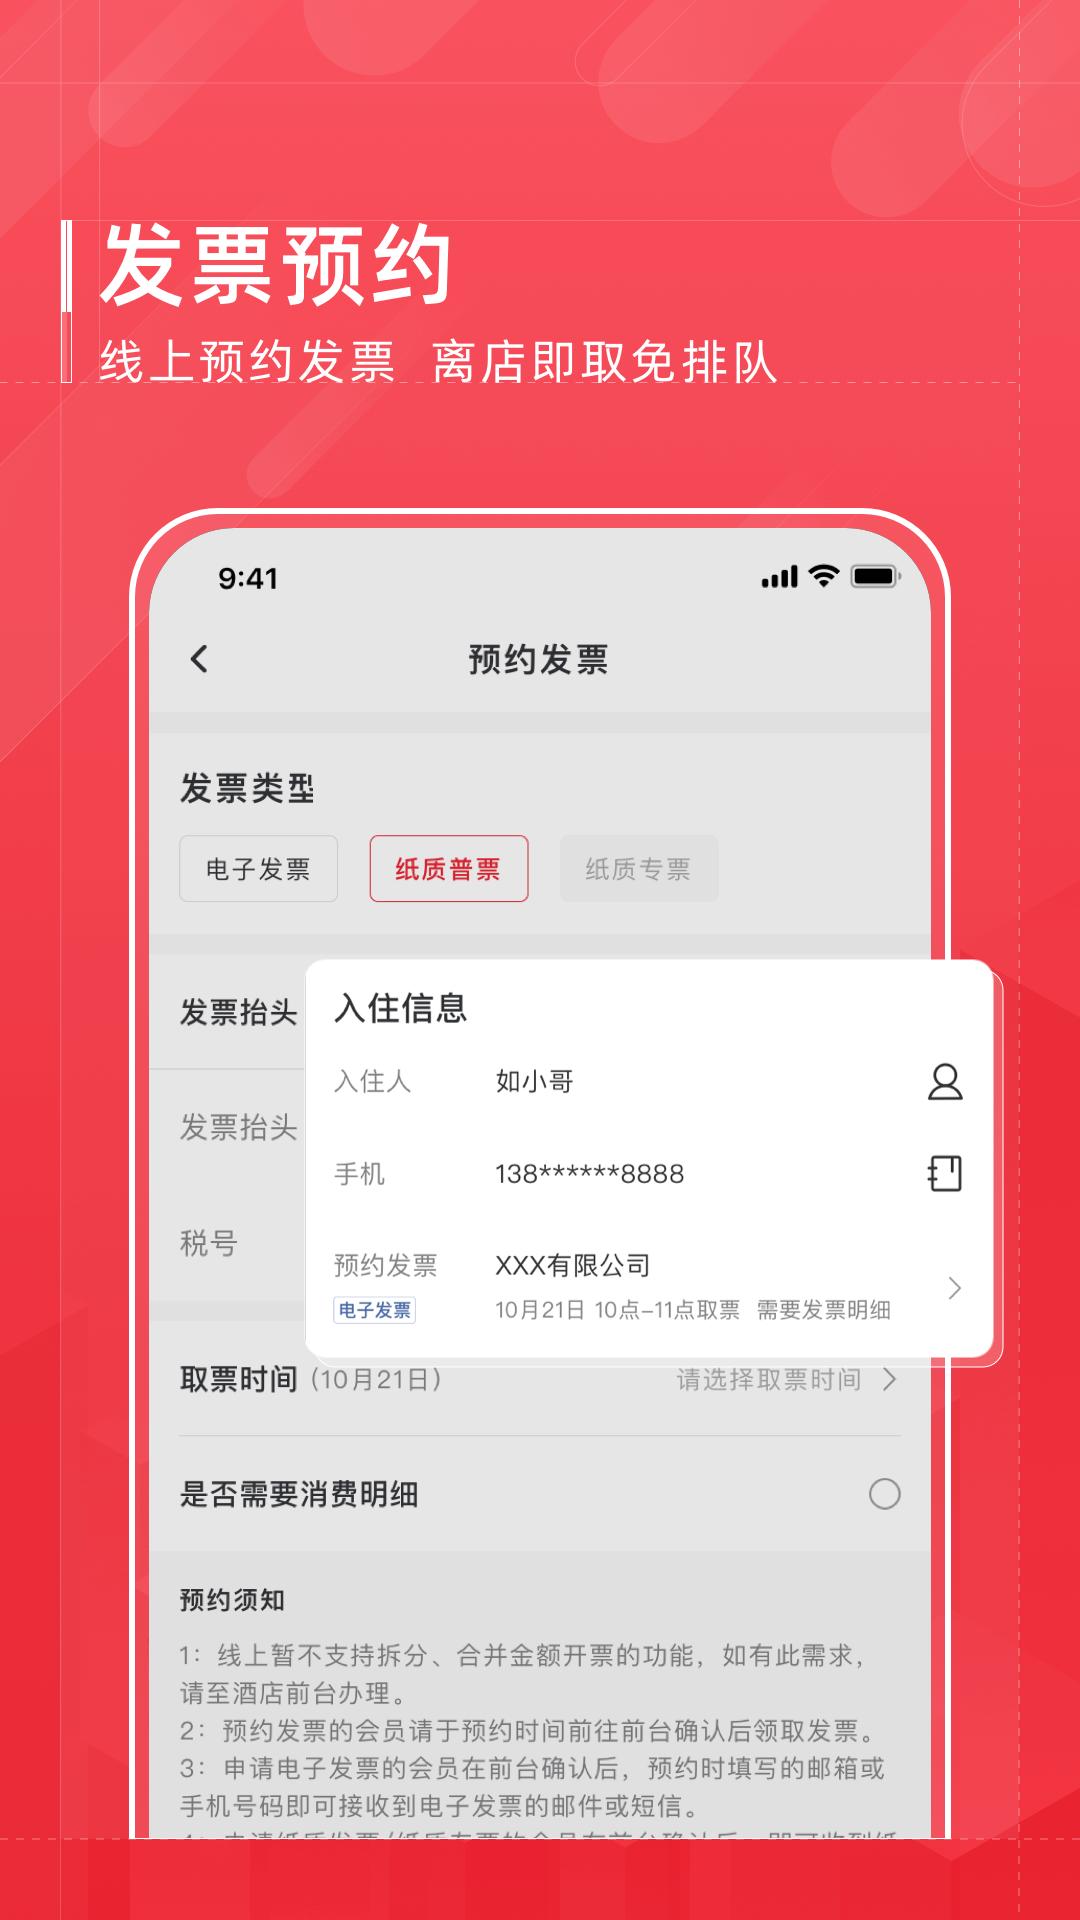 首旅如家App下载-首旅如家应用-首旅如家安卓版/苹果版/电脑版-飞翔软件库